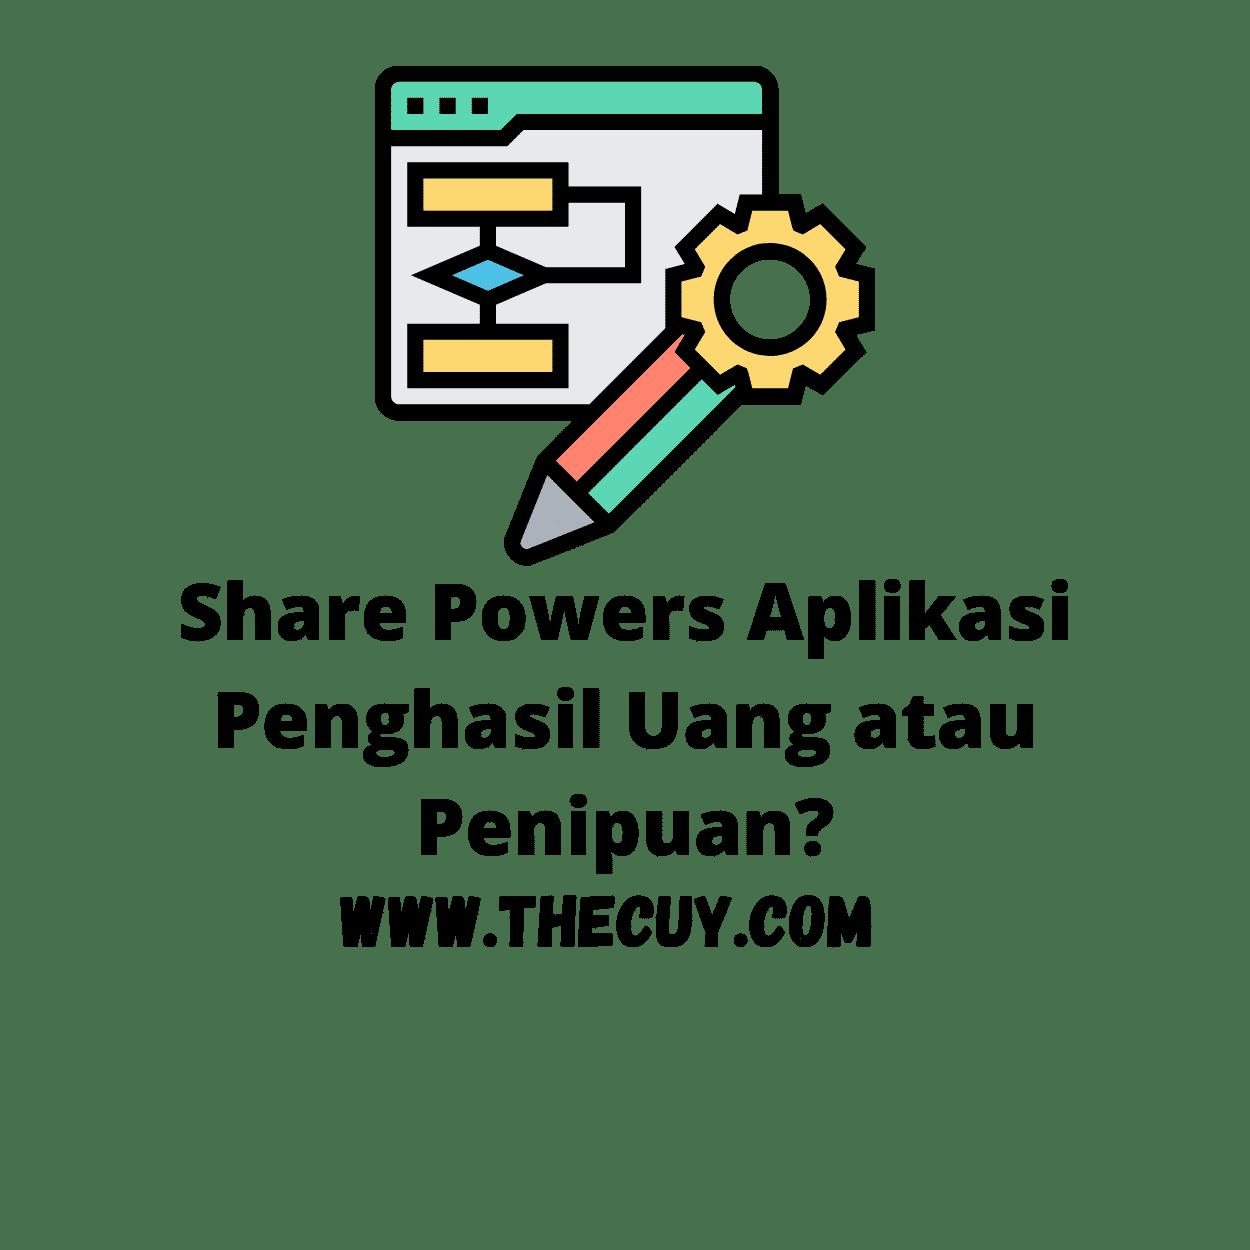 Share Powers Aplikasi Penghasil Uang atau Penipuan?